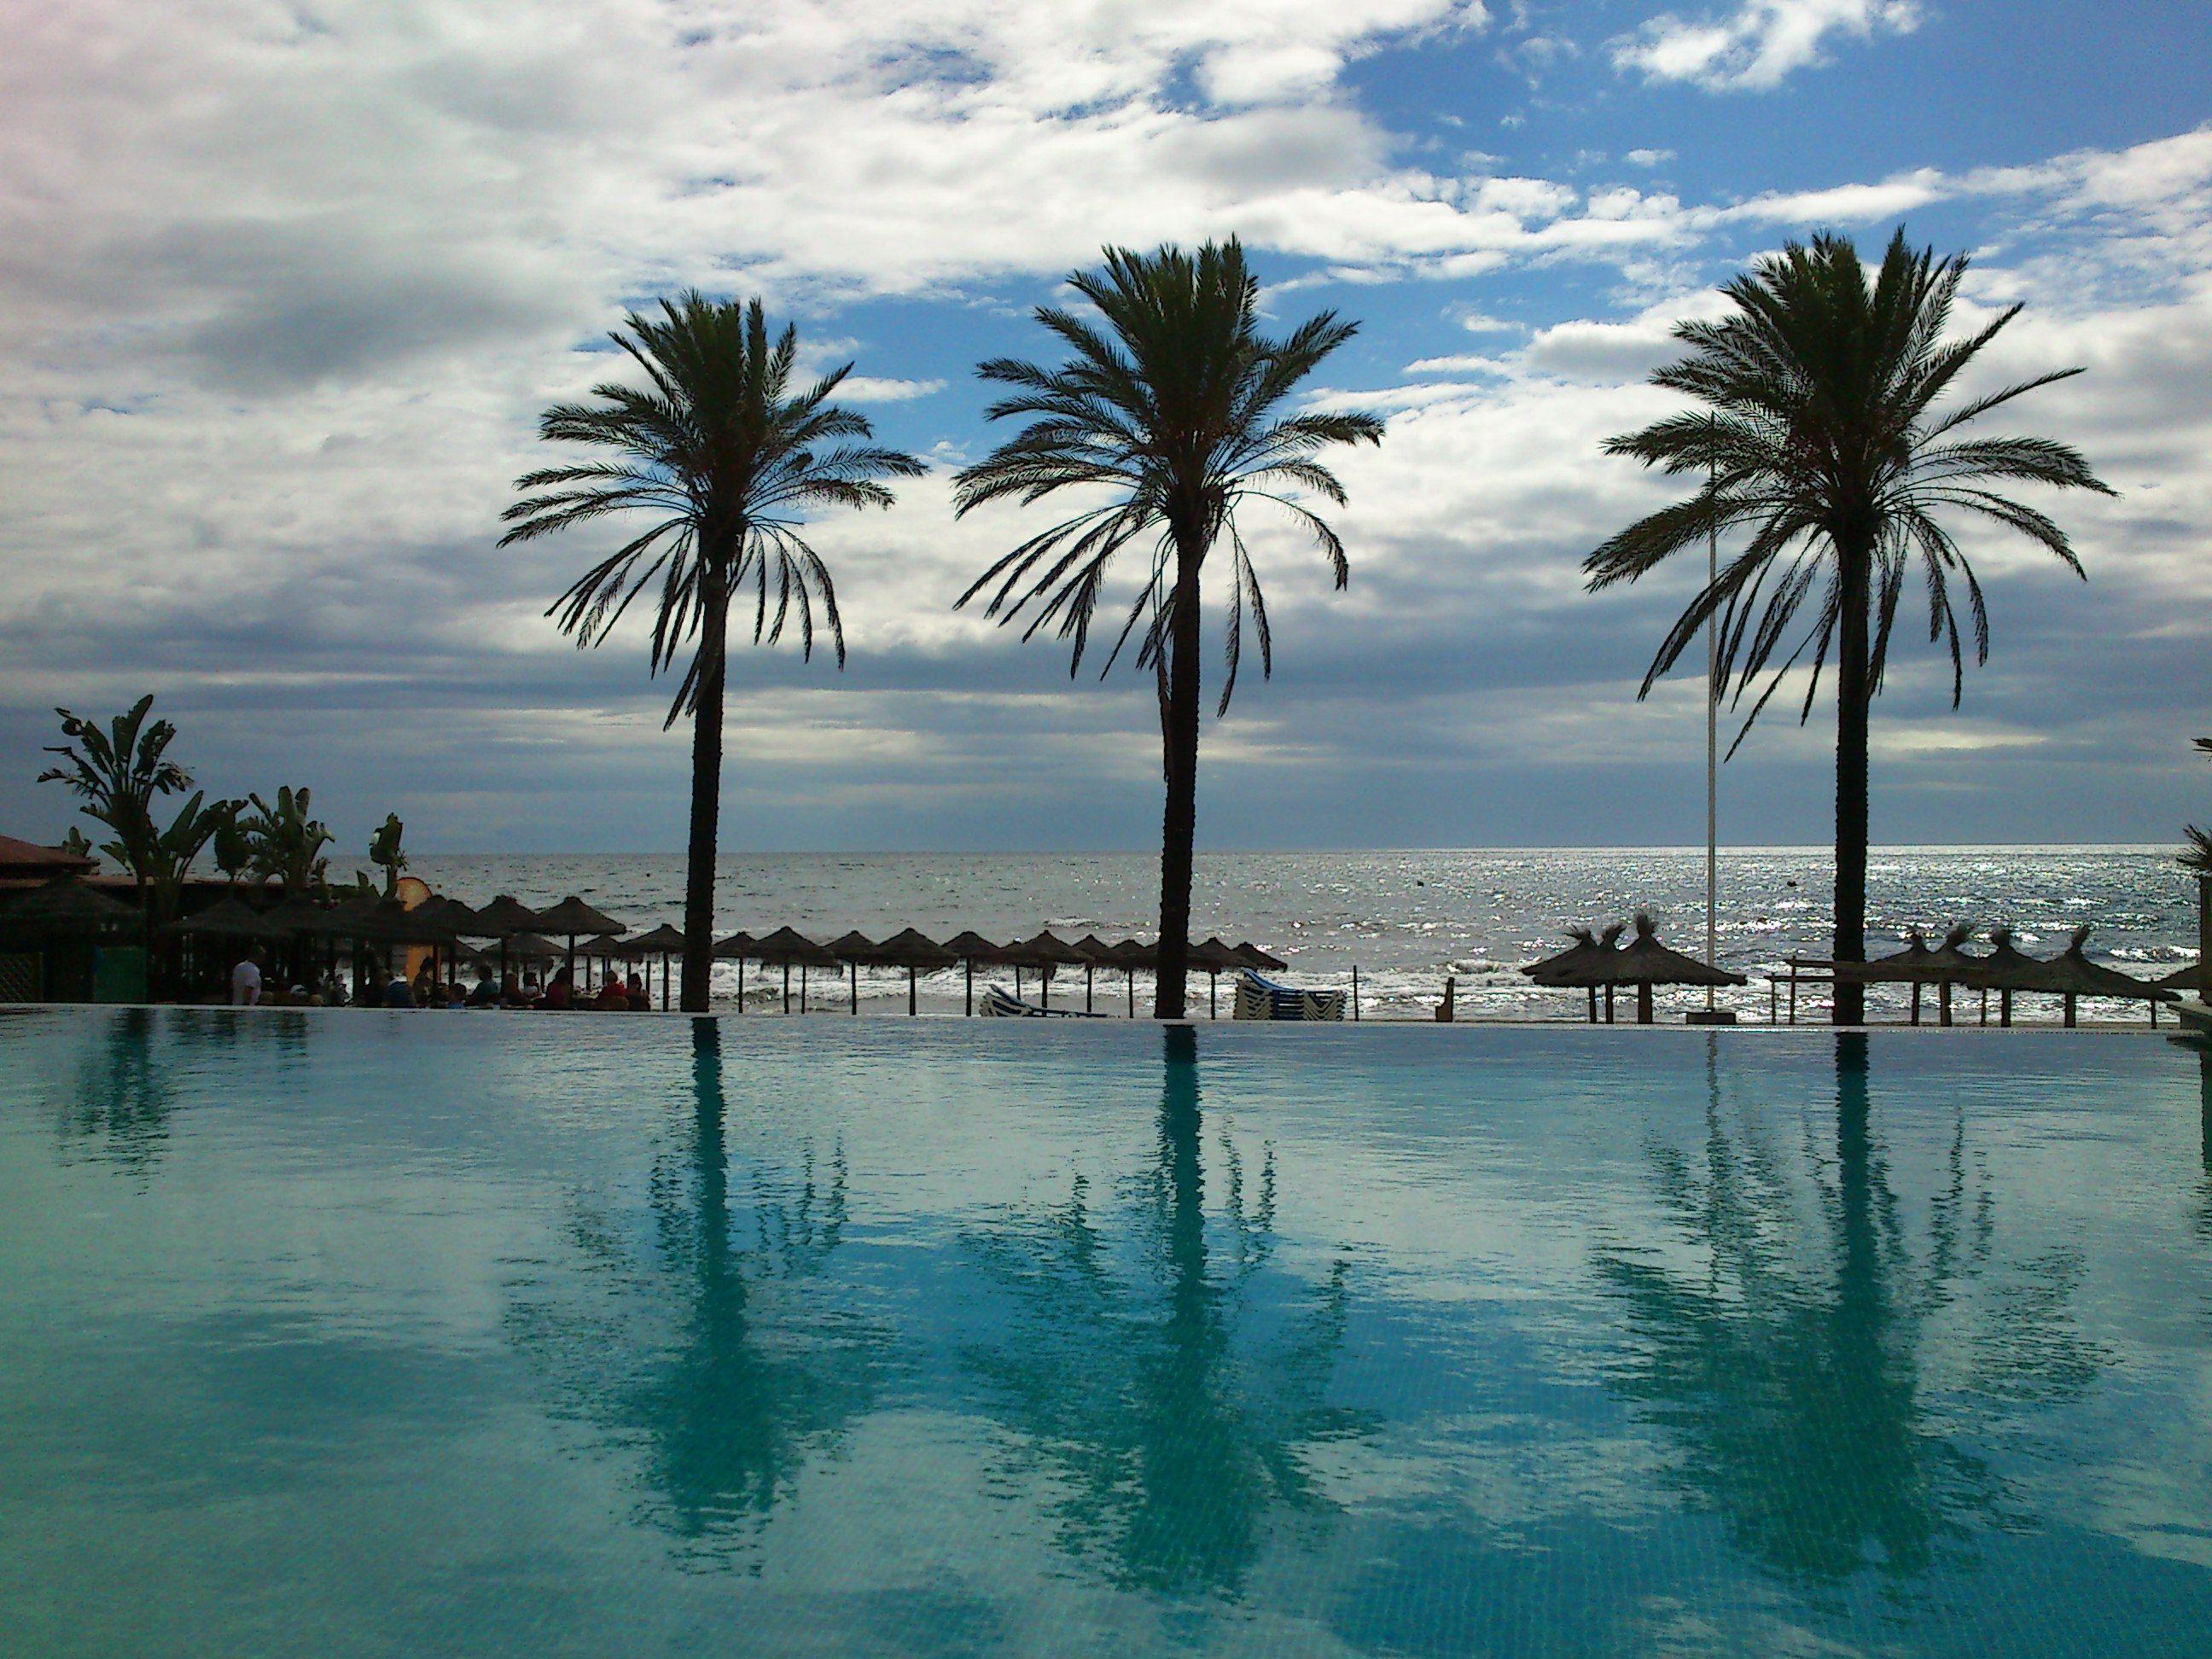 Estrella del mar beach club near marbella spain hen night pinterest beaches mars and spain - Estrella del mar beach club ...